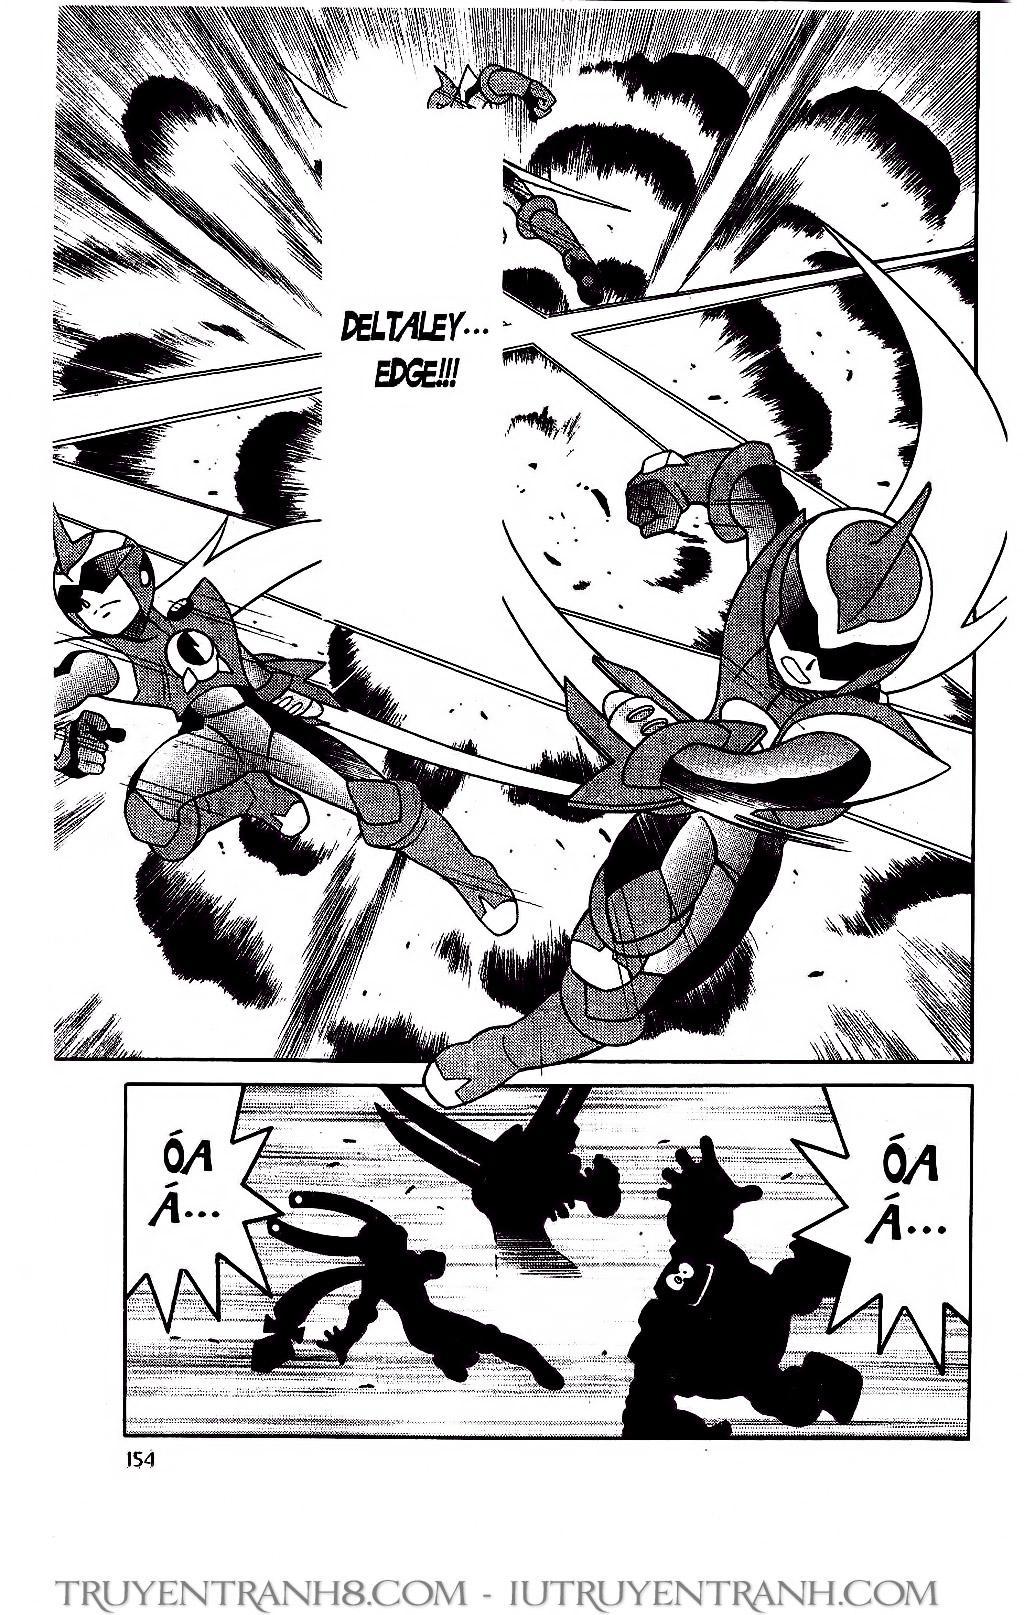 Megaman NT warrior: Megaman nt warrior (tt8) chap 75: